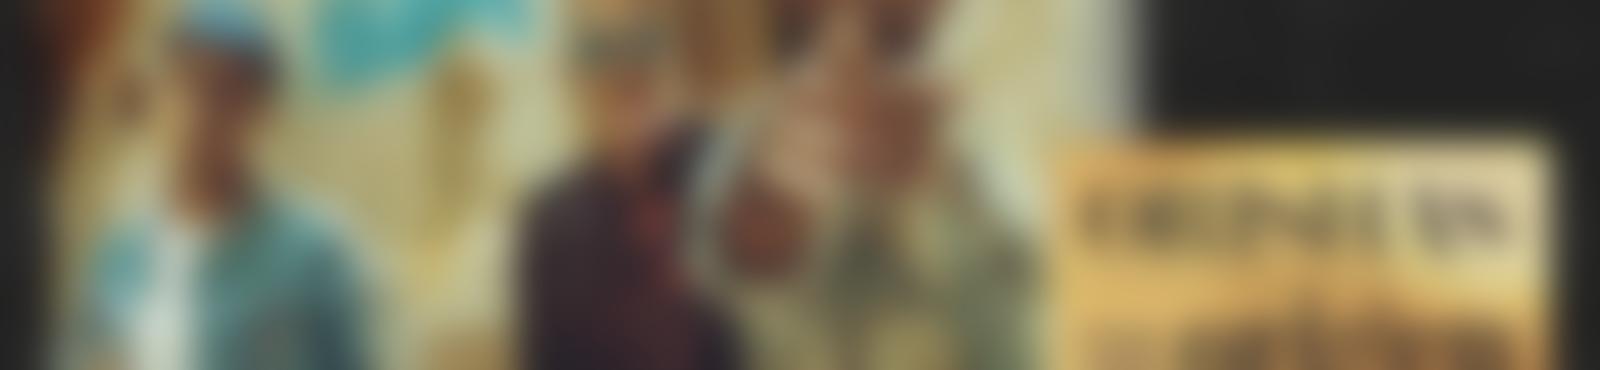 Blurred c969e5d6 a7a7 4795 887e 133895ba93ef